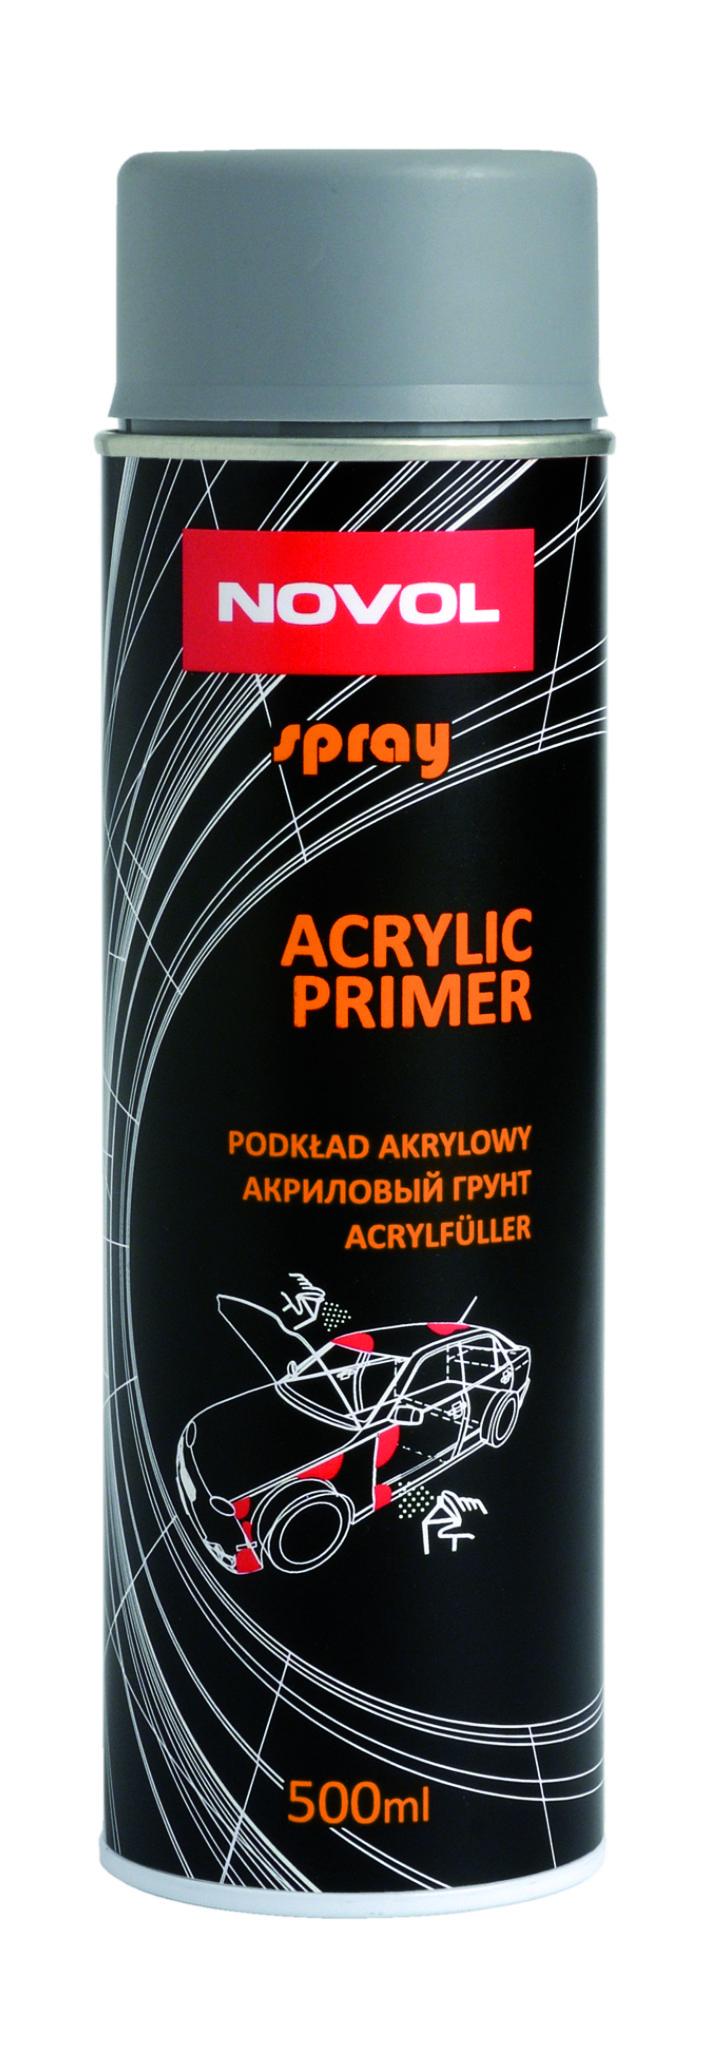 NOVOL ACRYLIC PRIMER - АКРИЛОВЫЙ ГРУНТ 500мл.